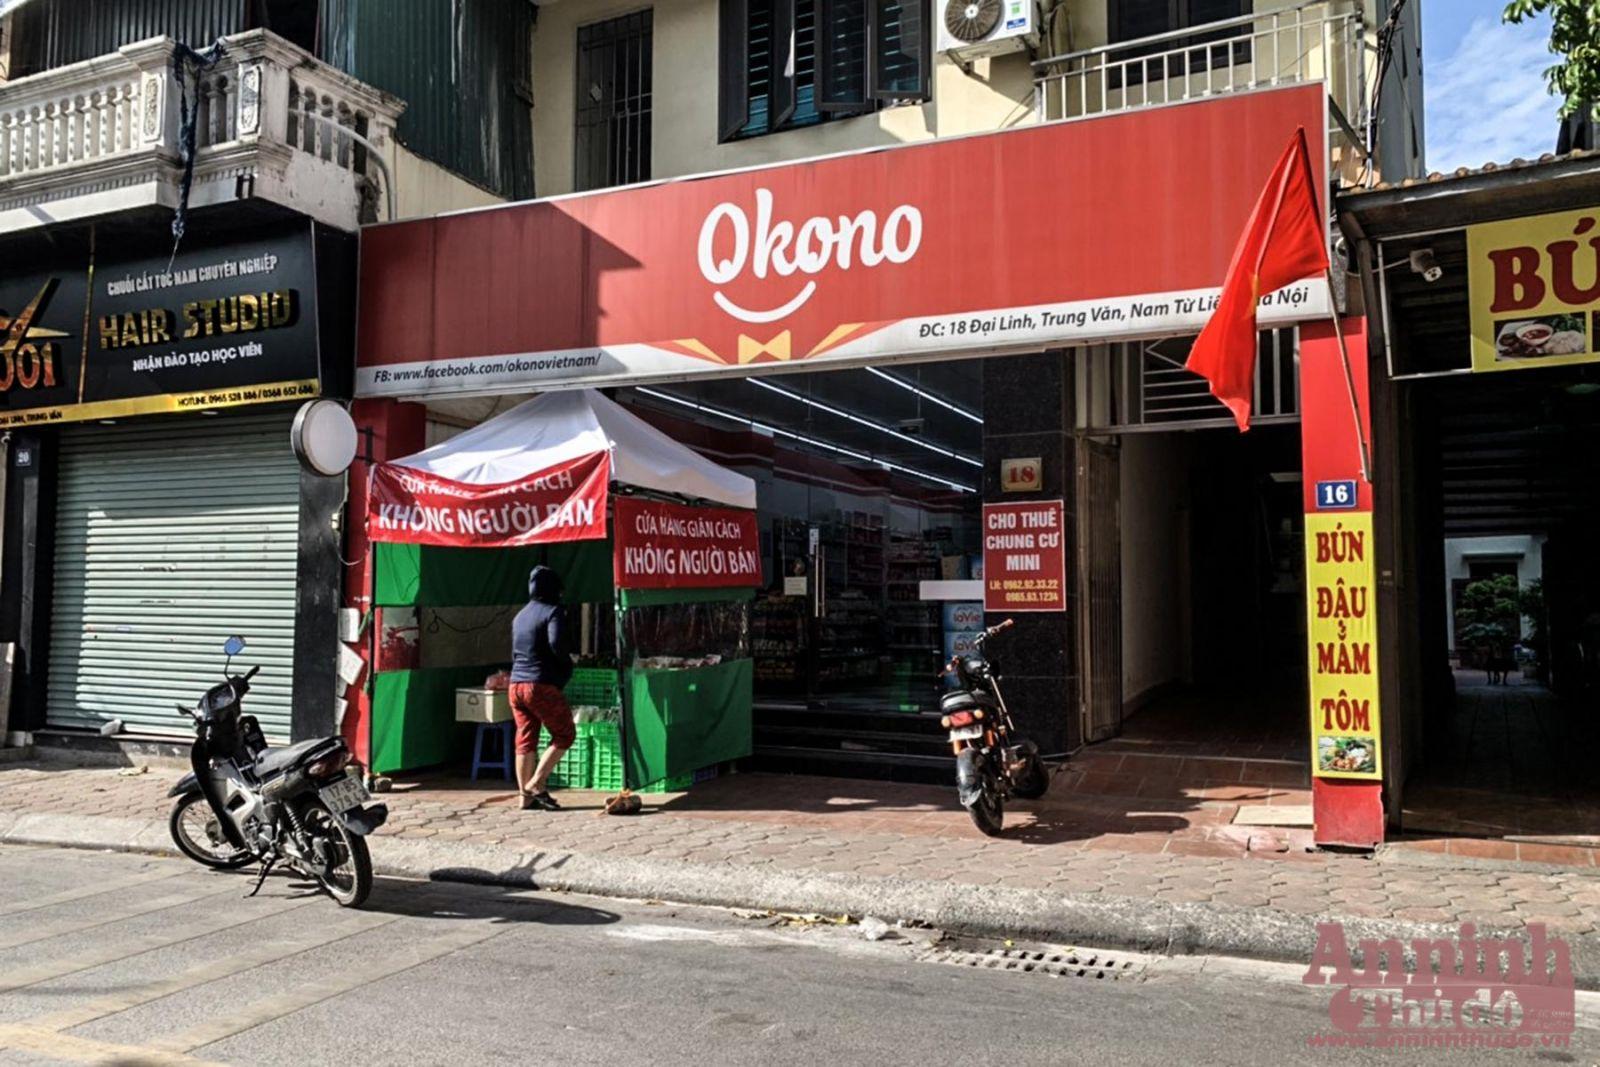 Một siêu thị tại địa chỉ 18, phố Đại Linh, phường Trung Văn, quận Nam Từ Liêm, Hà Nội đã mở gian hàng giãn cách không người bán để phòng dịch Covid-19